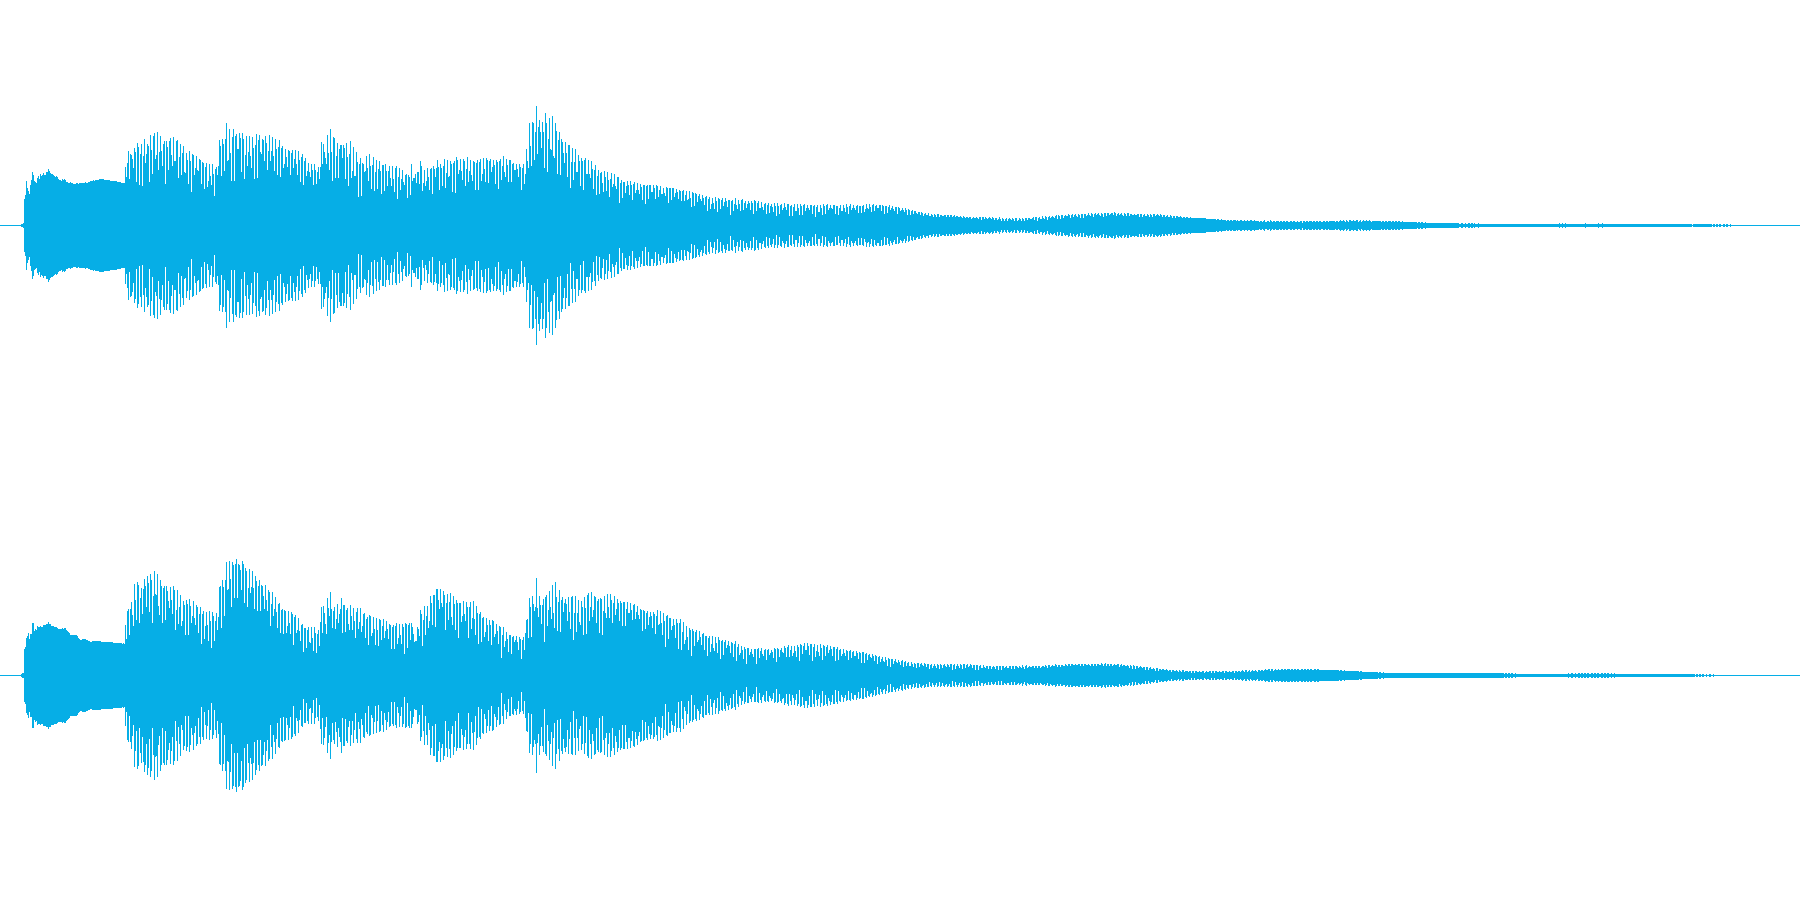 クイズで正解した時などに使われる効果音…の再生済みの波形